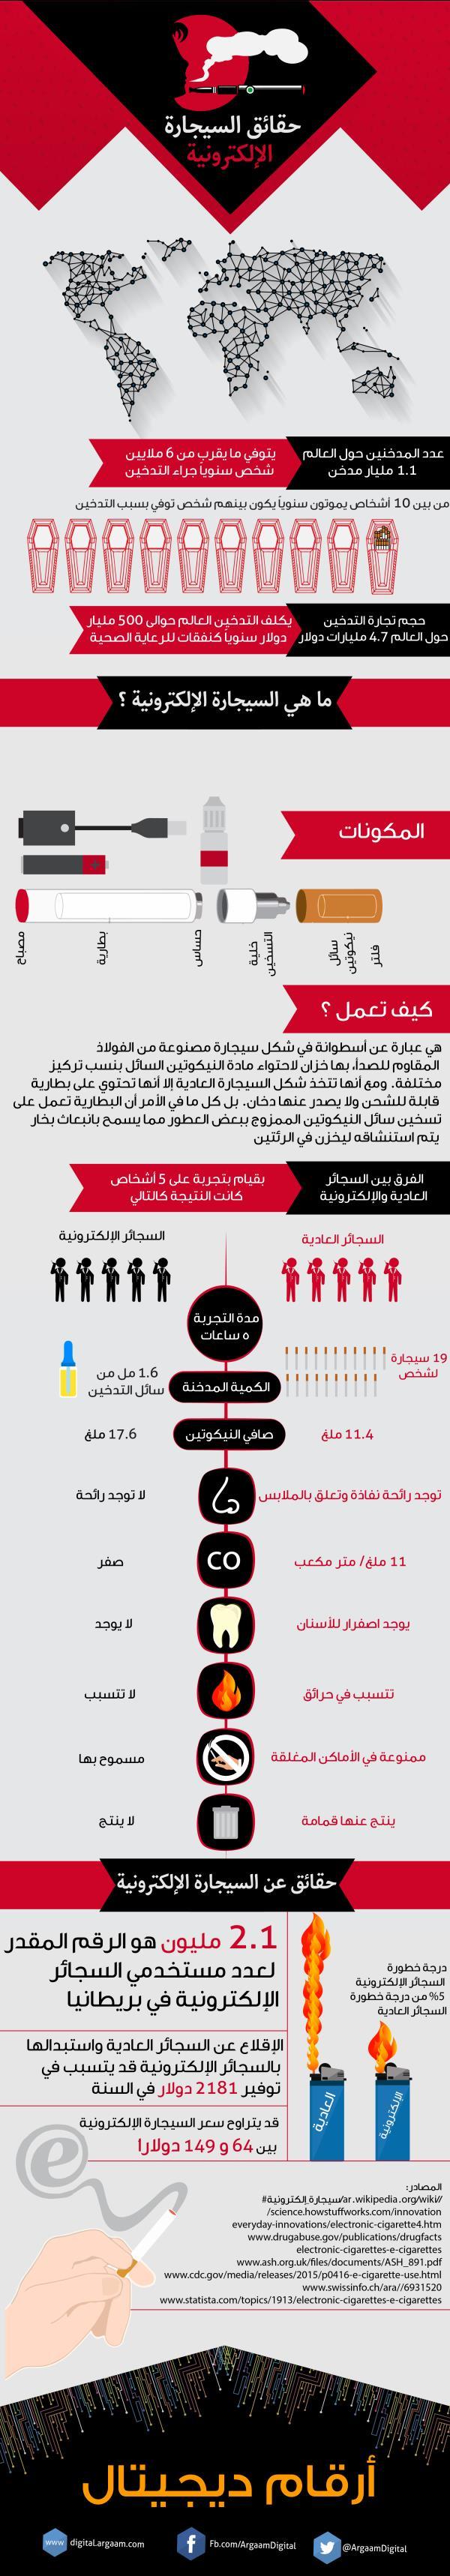 إنفوجرافيك حقائق لا تعرفها عن السجائر الإلكترونية